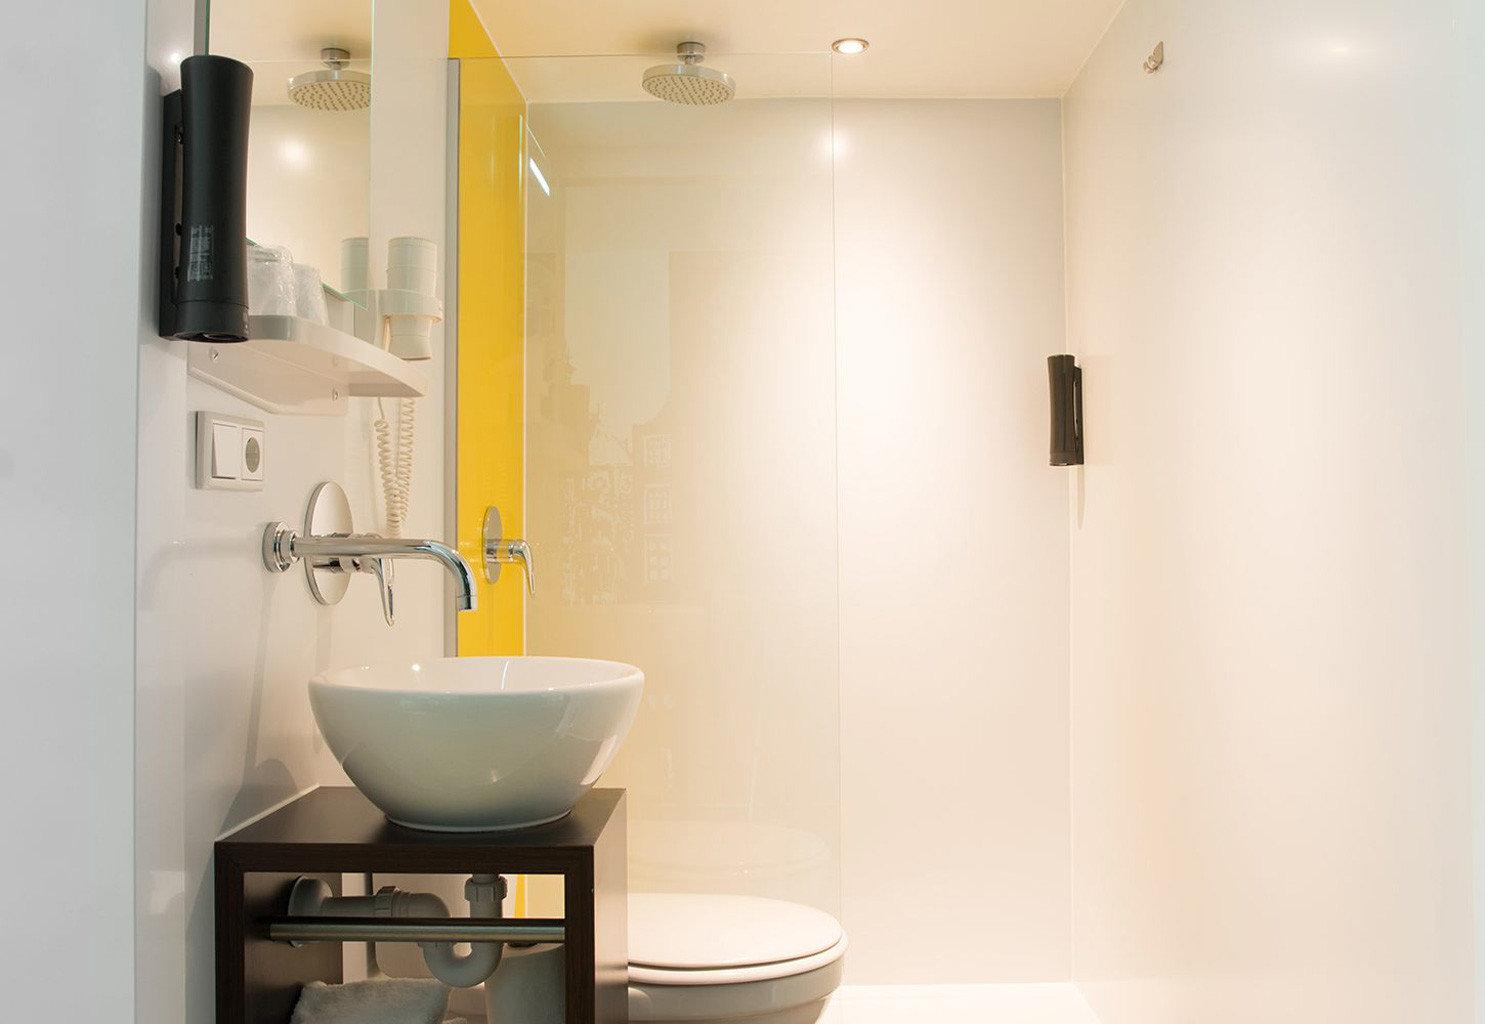 bathroom property toilet plumbing fixture bidet sink